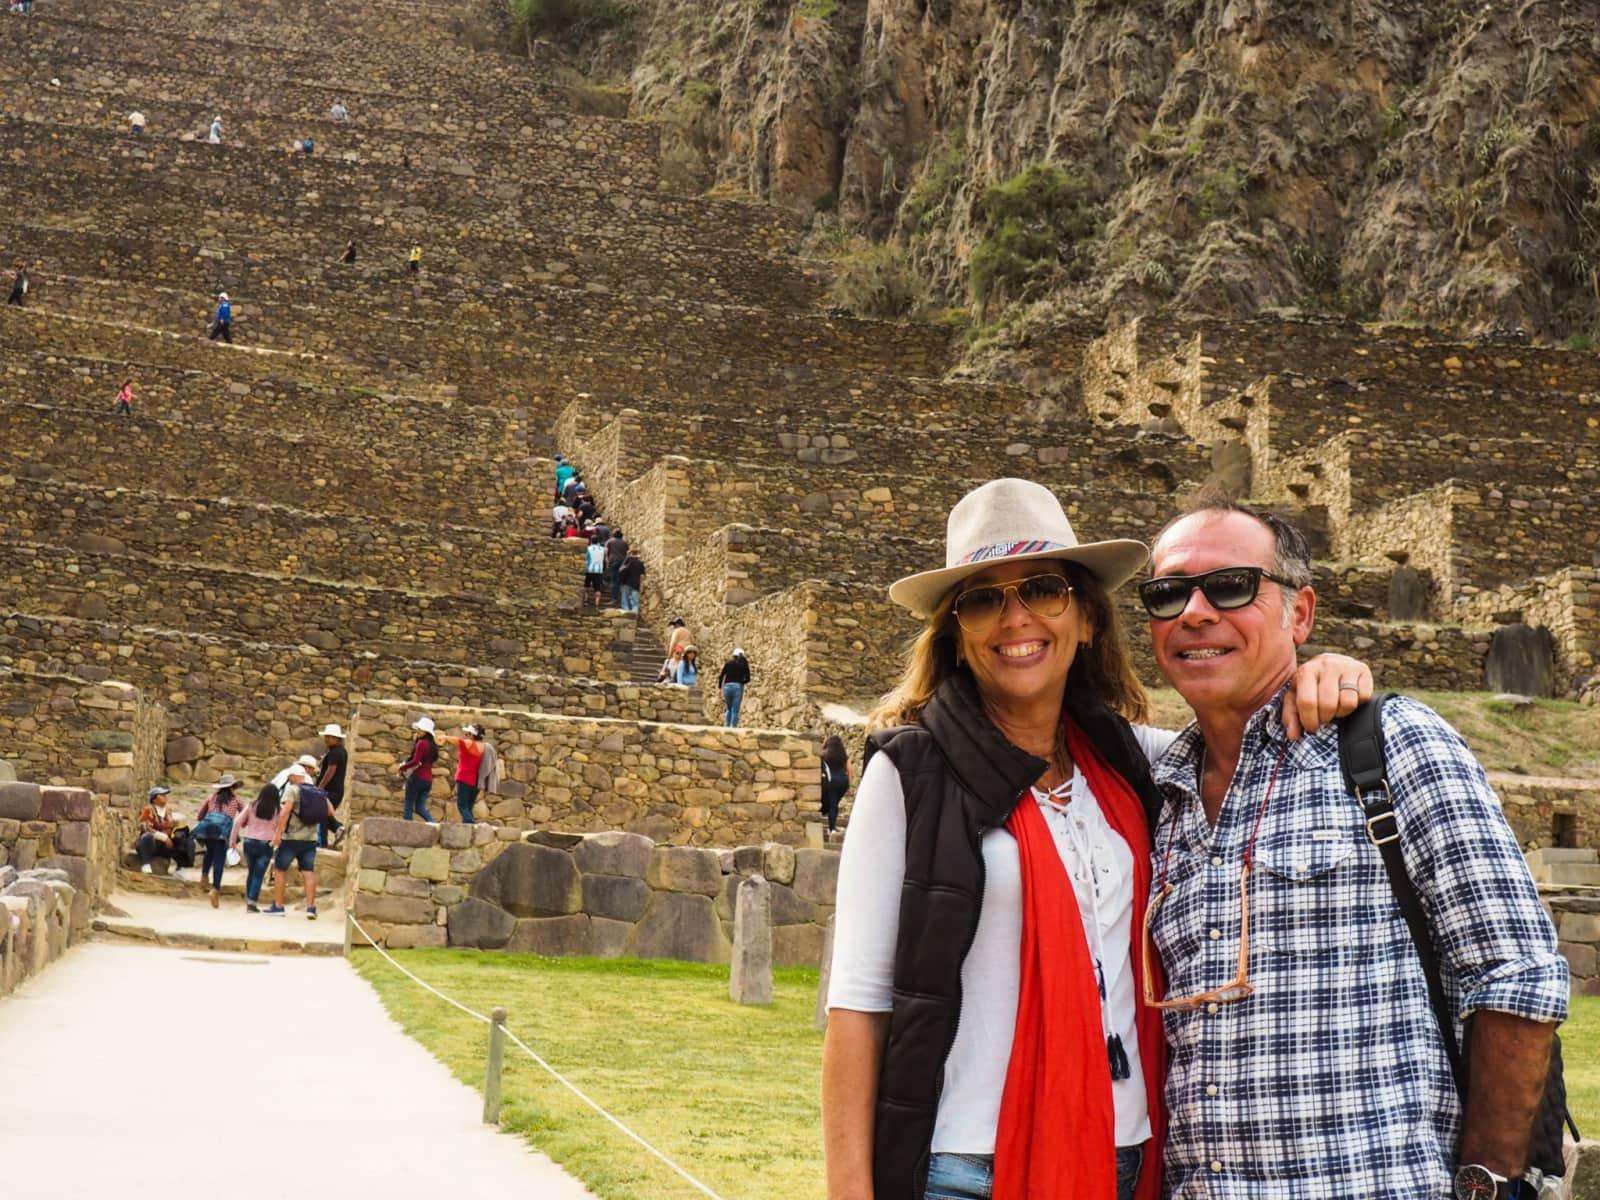 Sonia & Roberto from Rio de Janeiro, Brazil